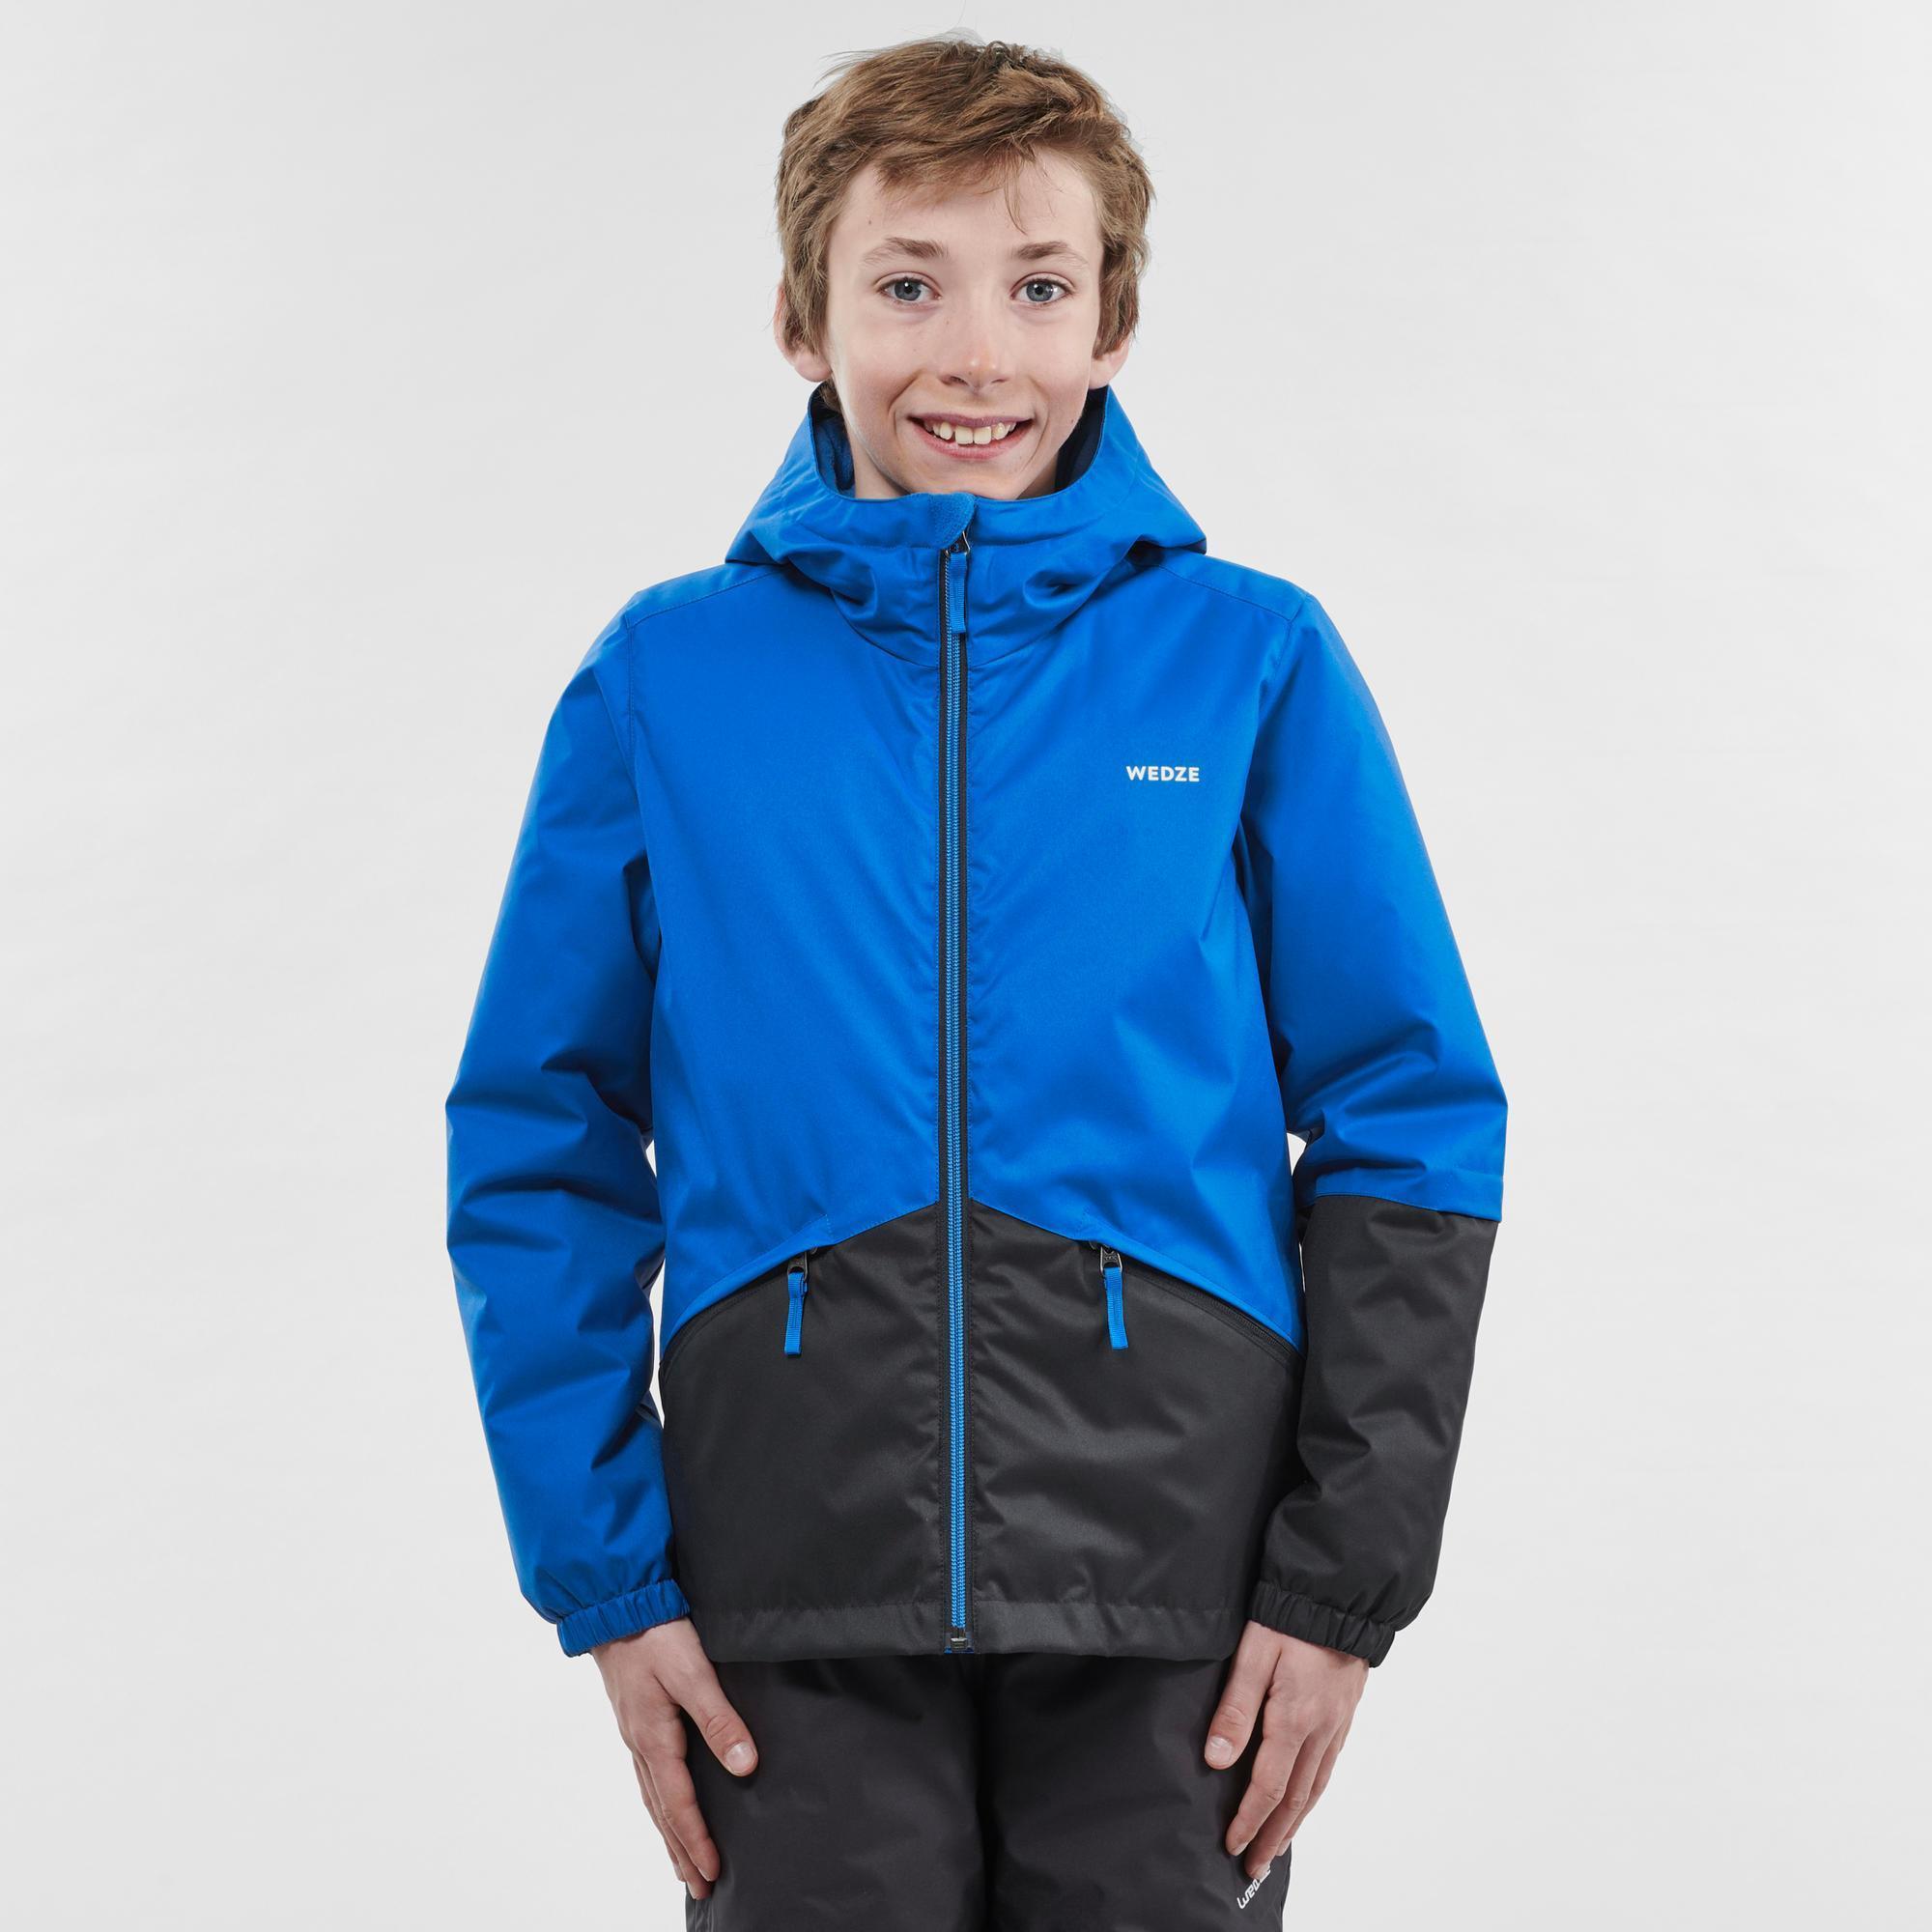 venta al por mayor gama exclusiva color atractivo Comprar Ropa de Esquí y Nieve online   Decathlon